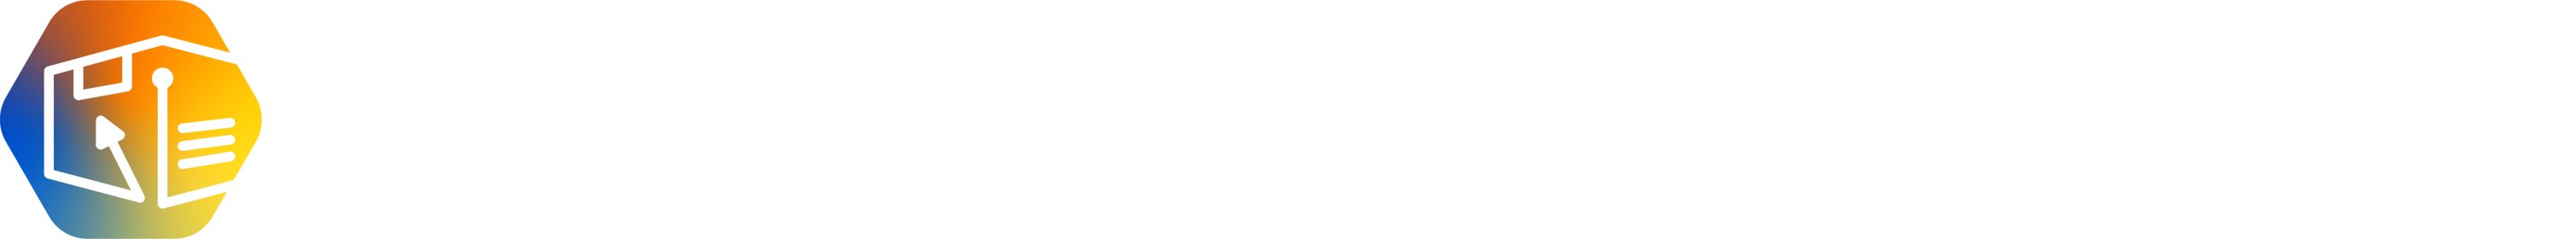 LIEFERANTENPORTAL.DE zum Lieferantenmanagement